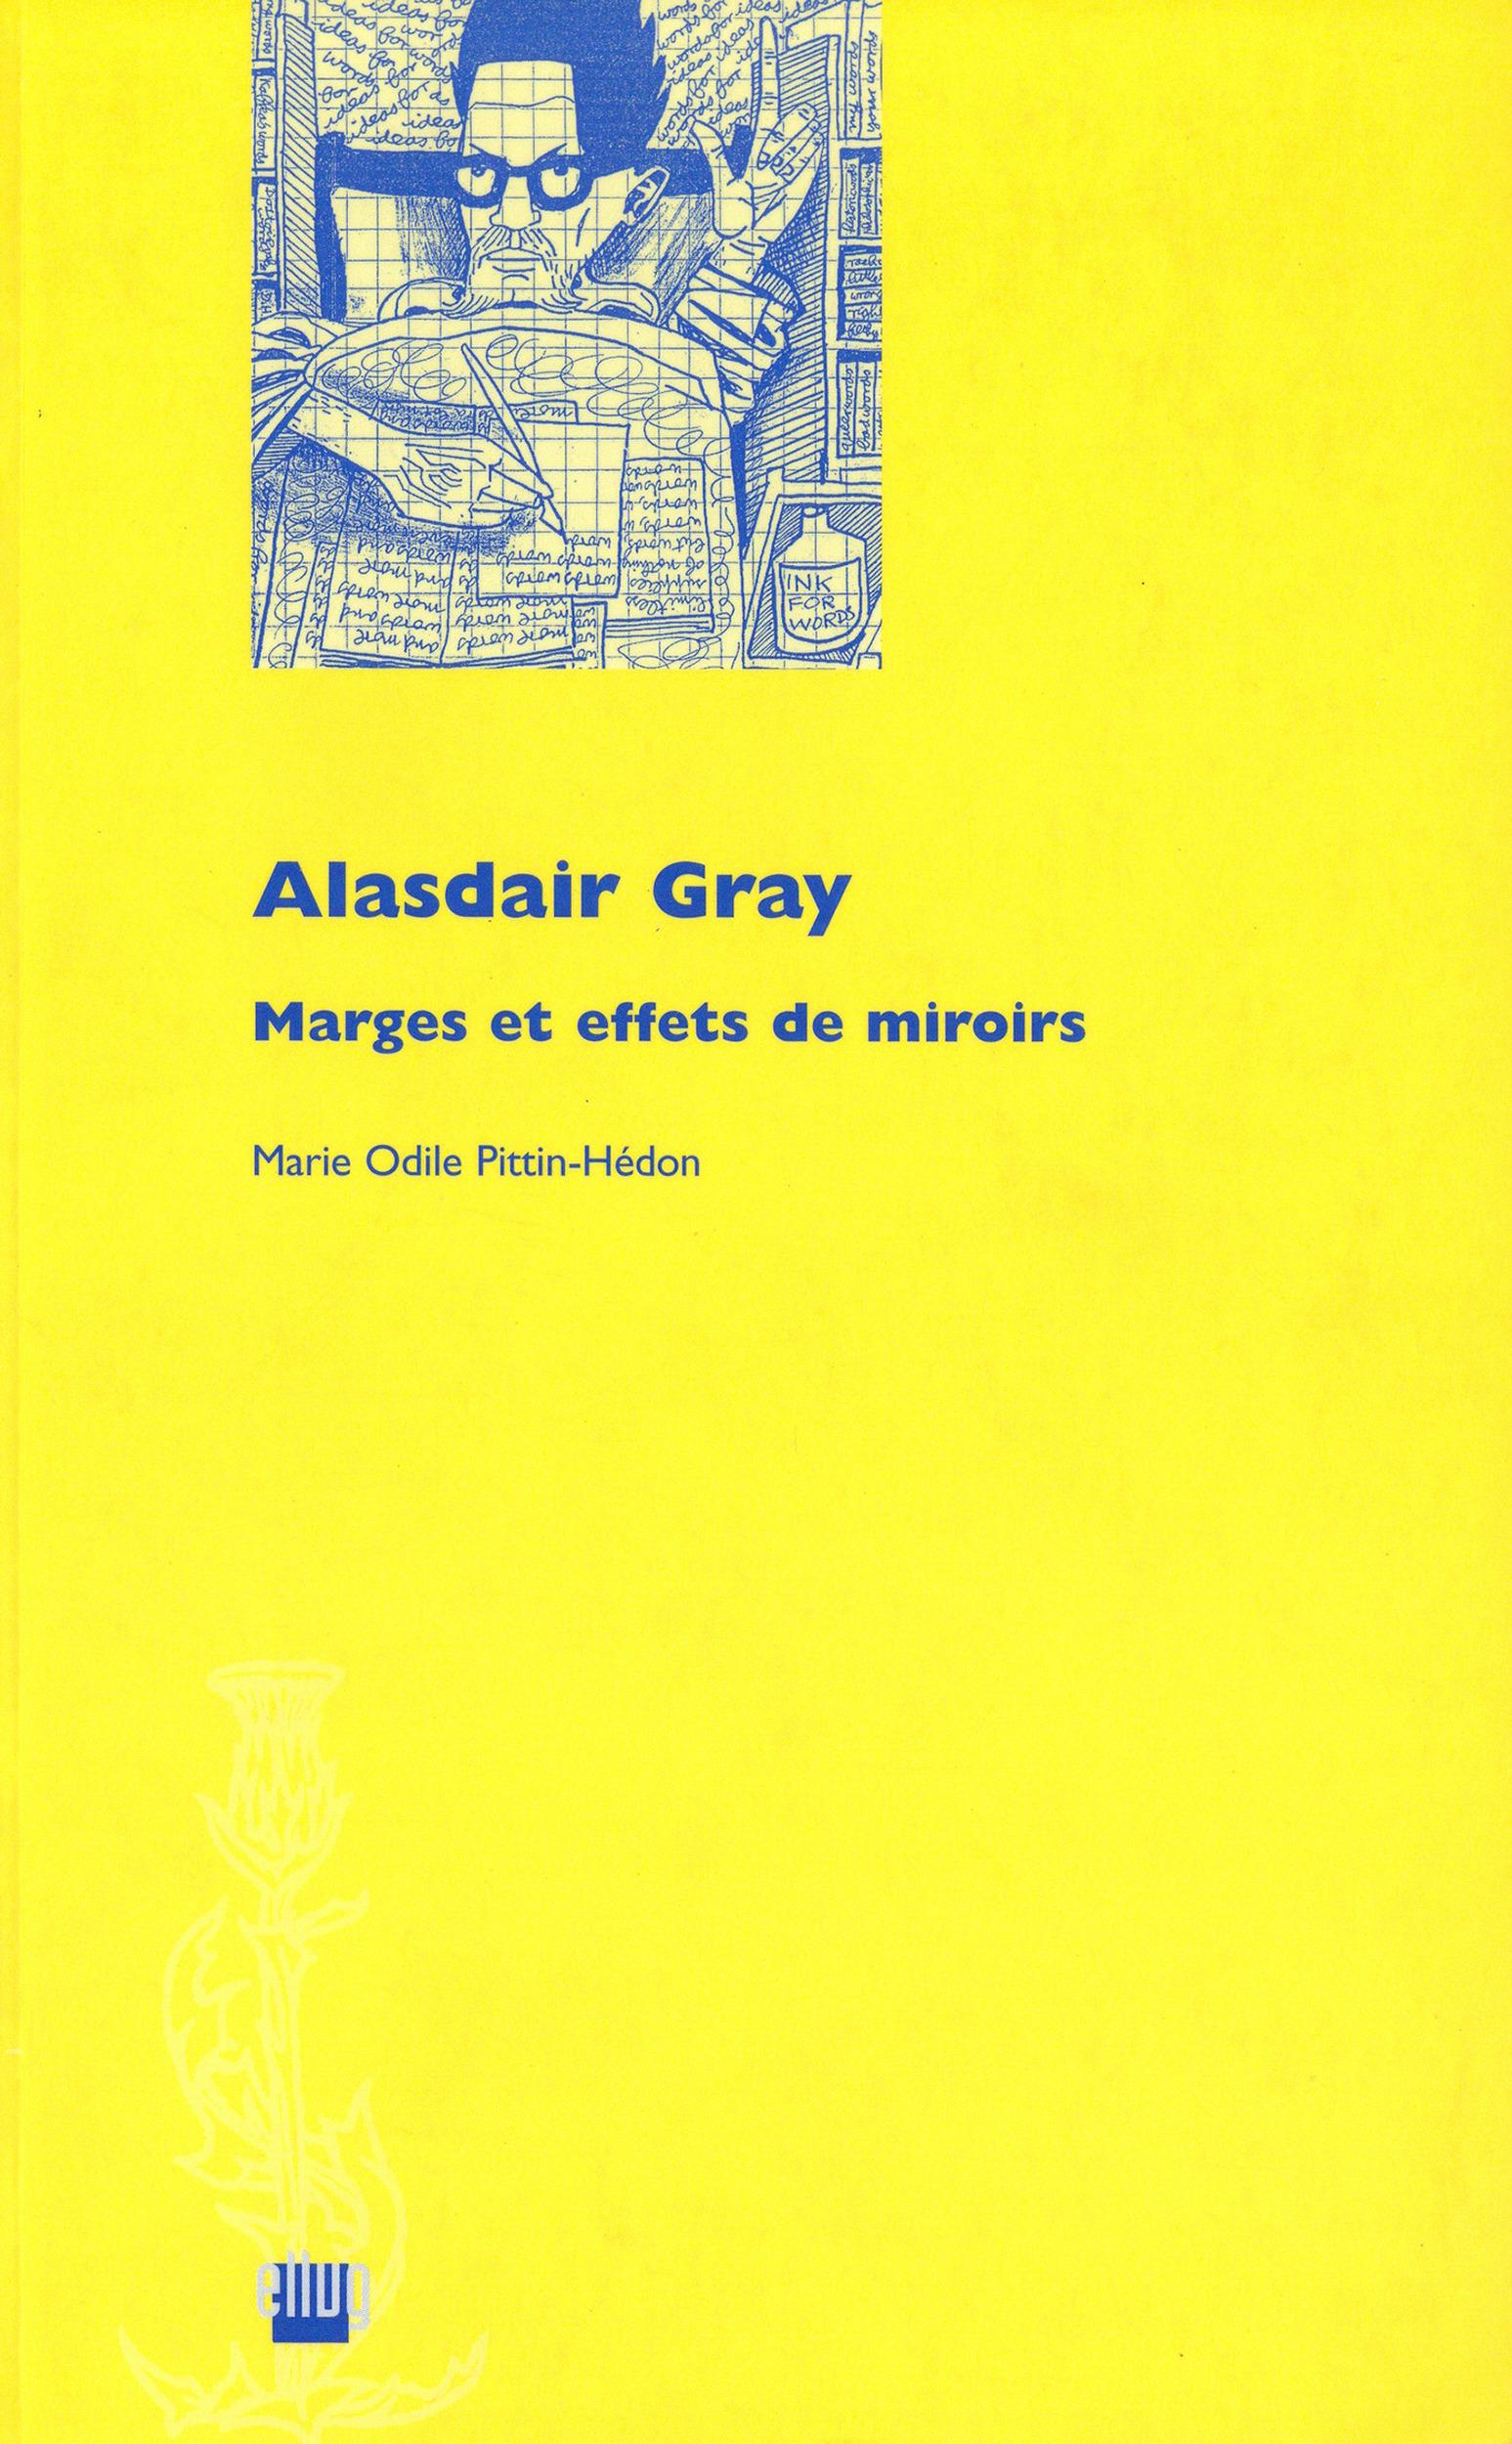 Alasdair Gray  - Marie Odile Pittin-Hédon